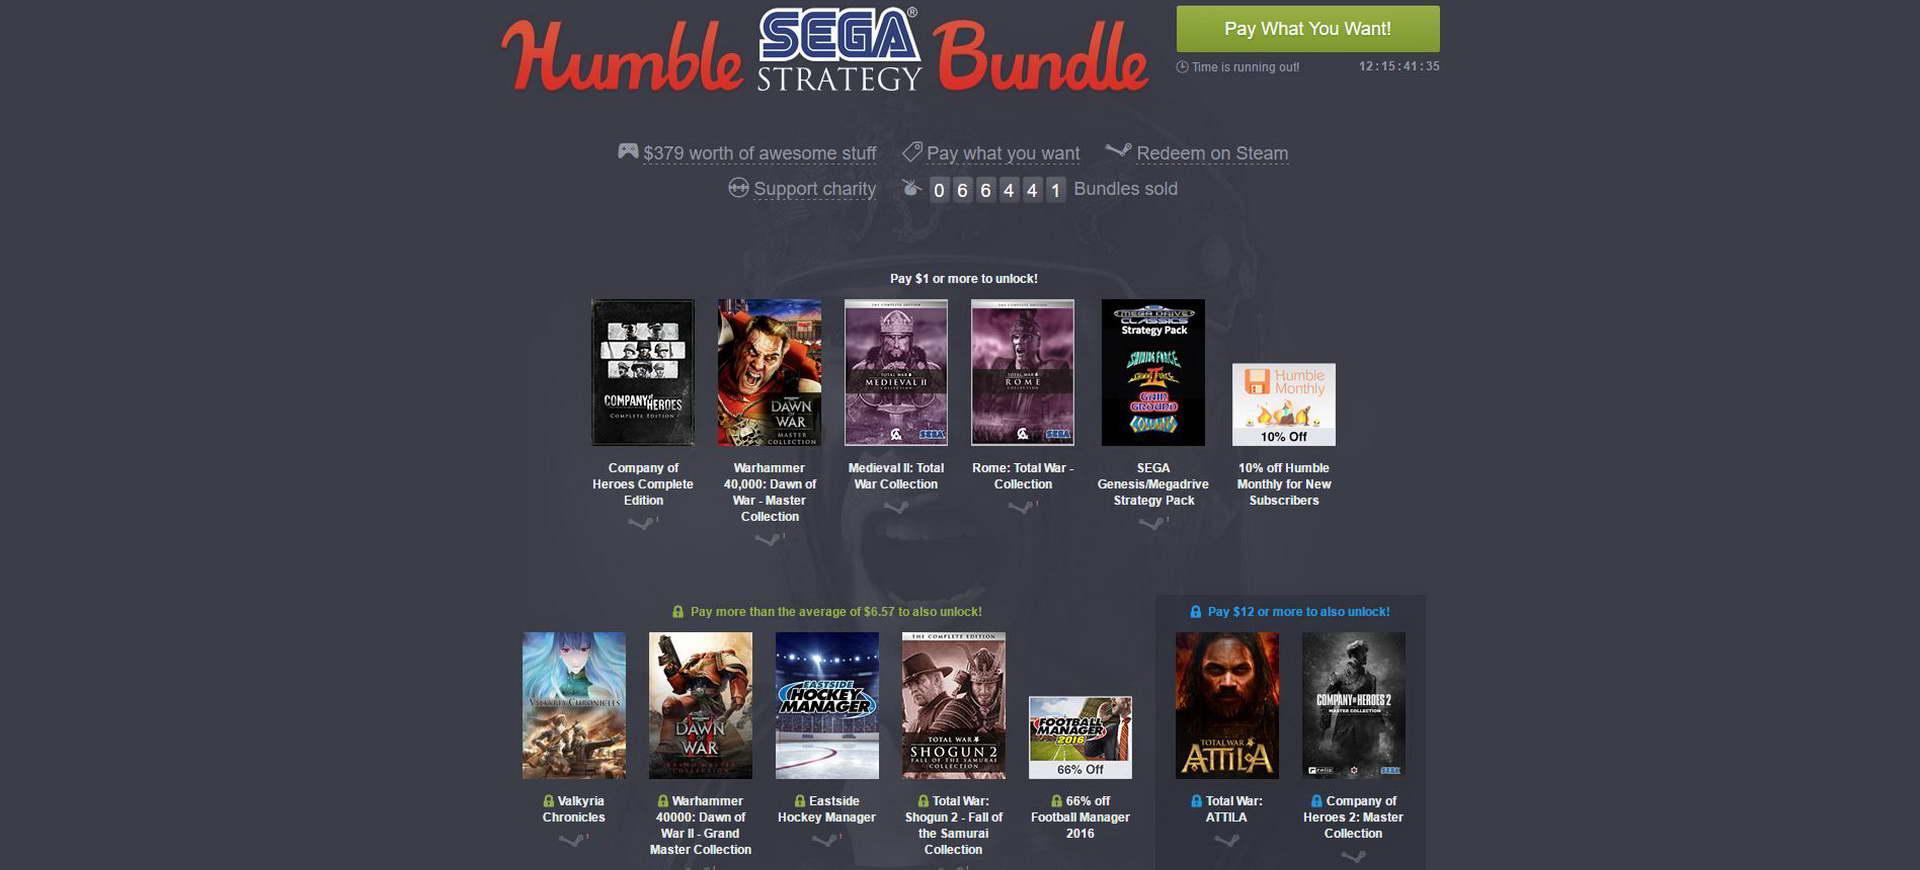 Humble Bundle giới thiệu gói Humble Sega Strategy Bundle